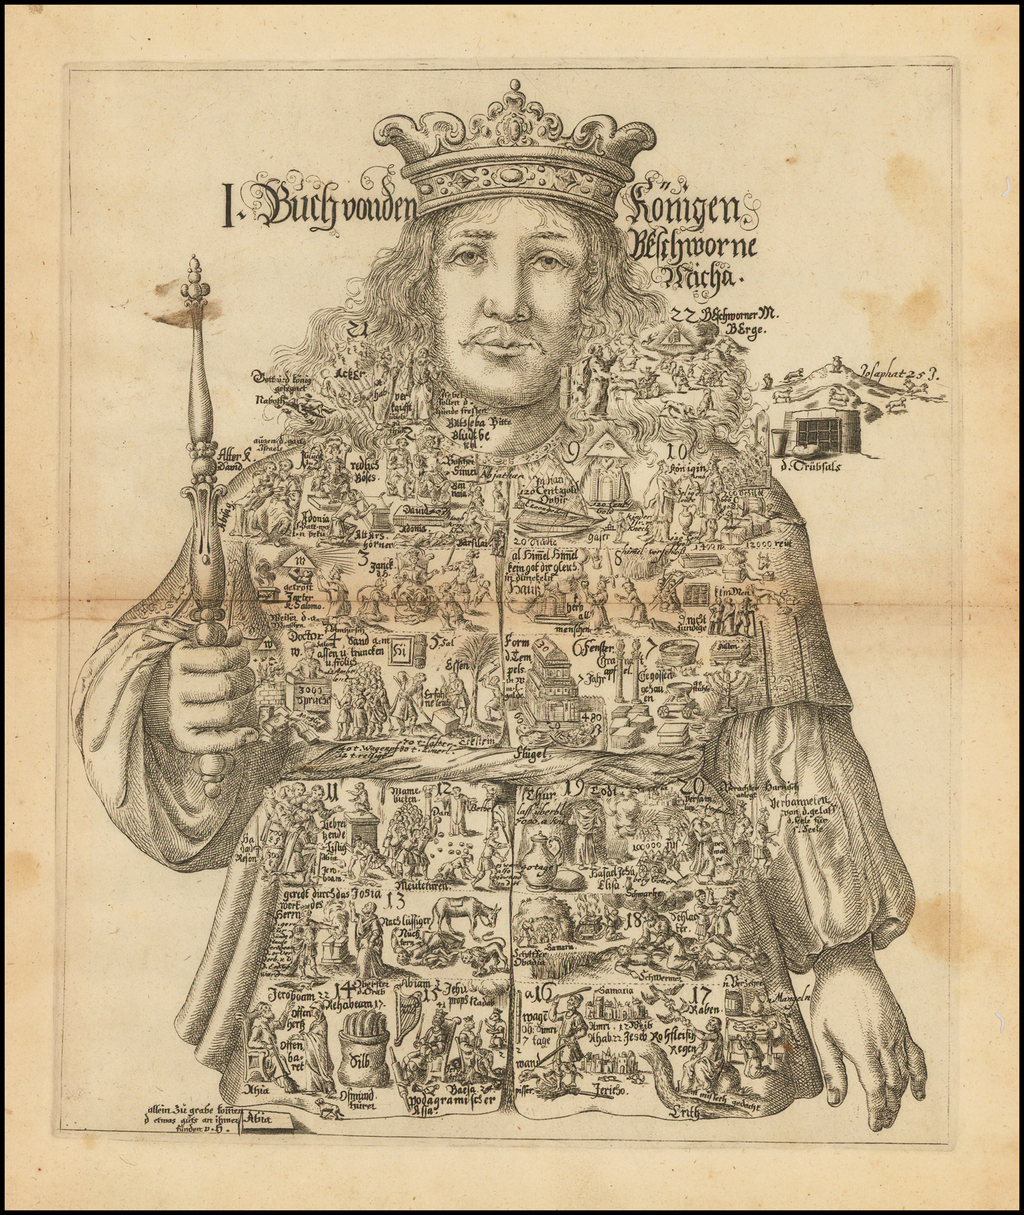 Buch vonden Konigen. . . [Allegorical Biblical print.] By Johannes Buno